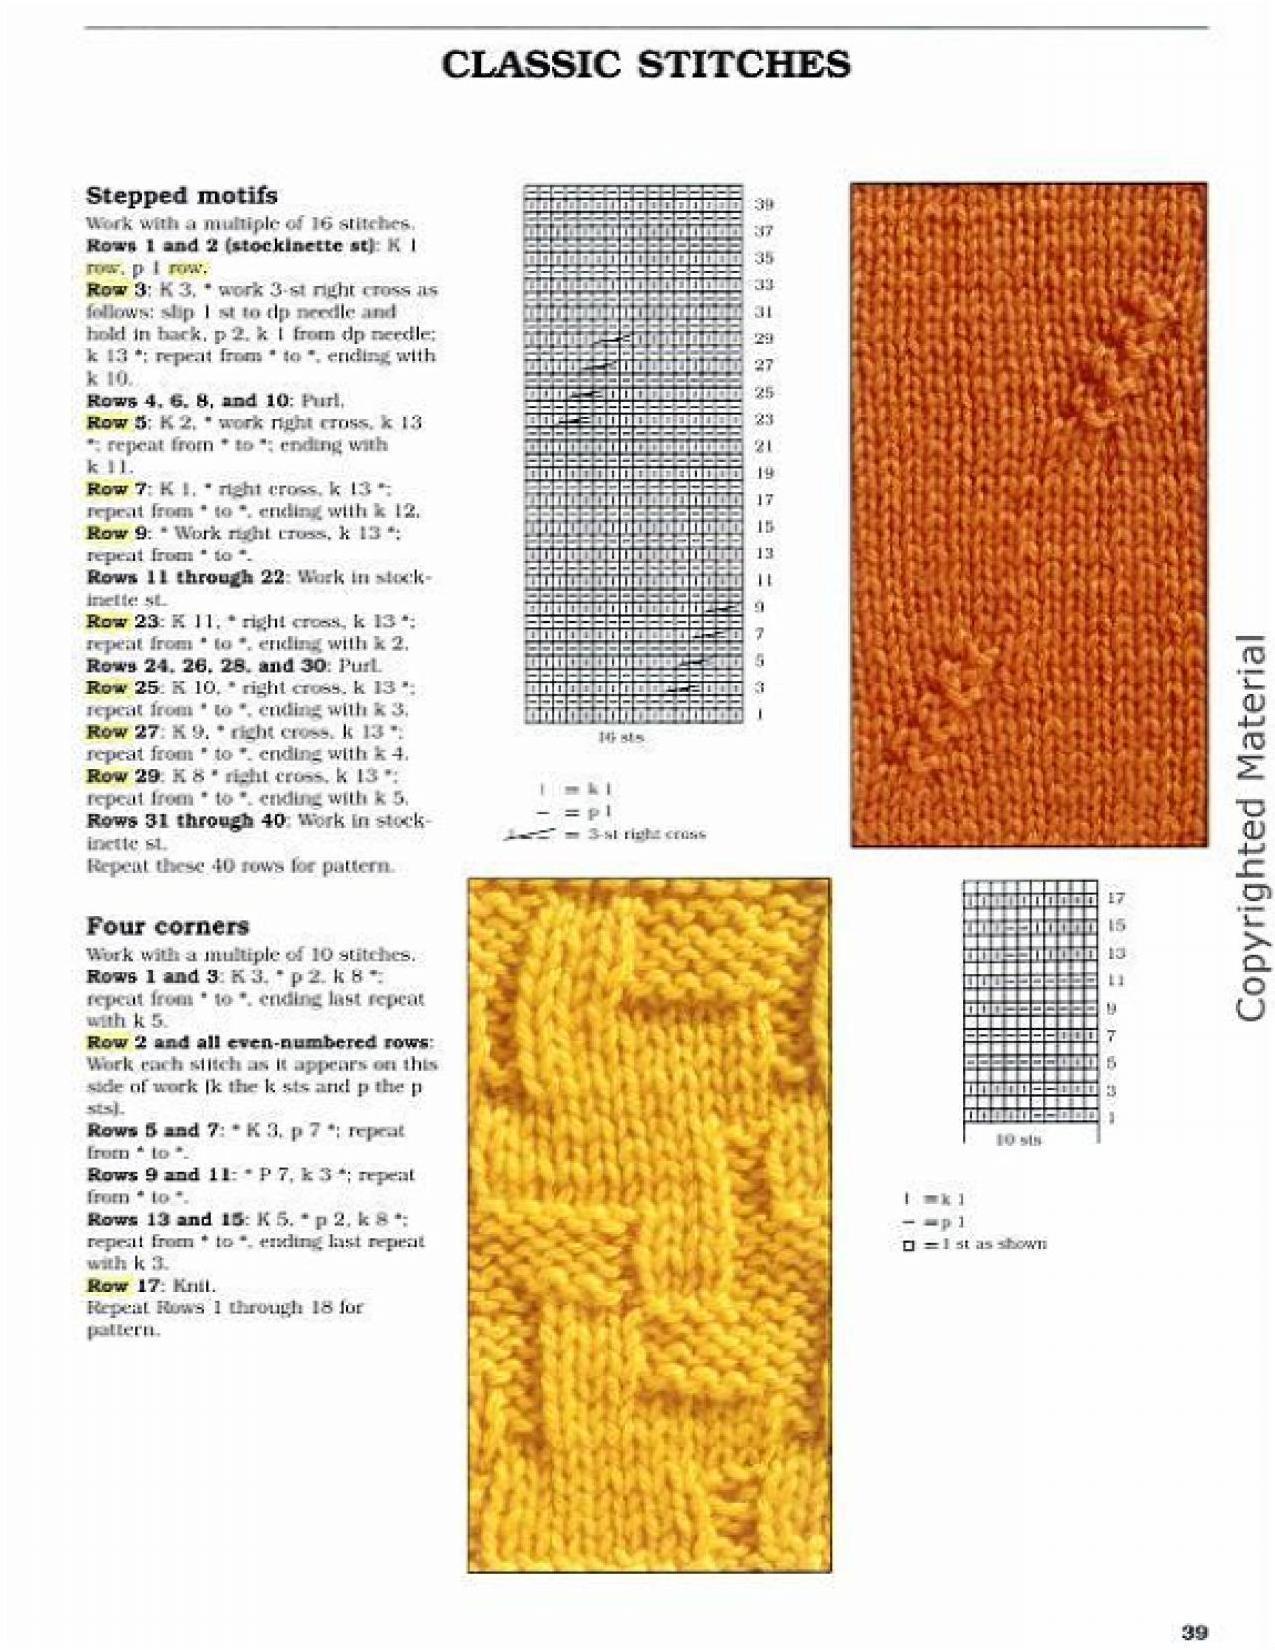 Big Book Of Knitting Stitch Patterns Free Download : ?????: Big Book of Knitting Stitch Patterns 2005 (???????, ?????, ?????) - ??...